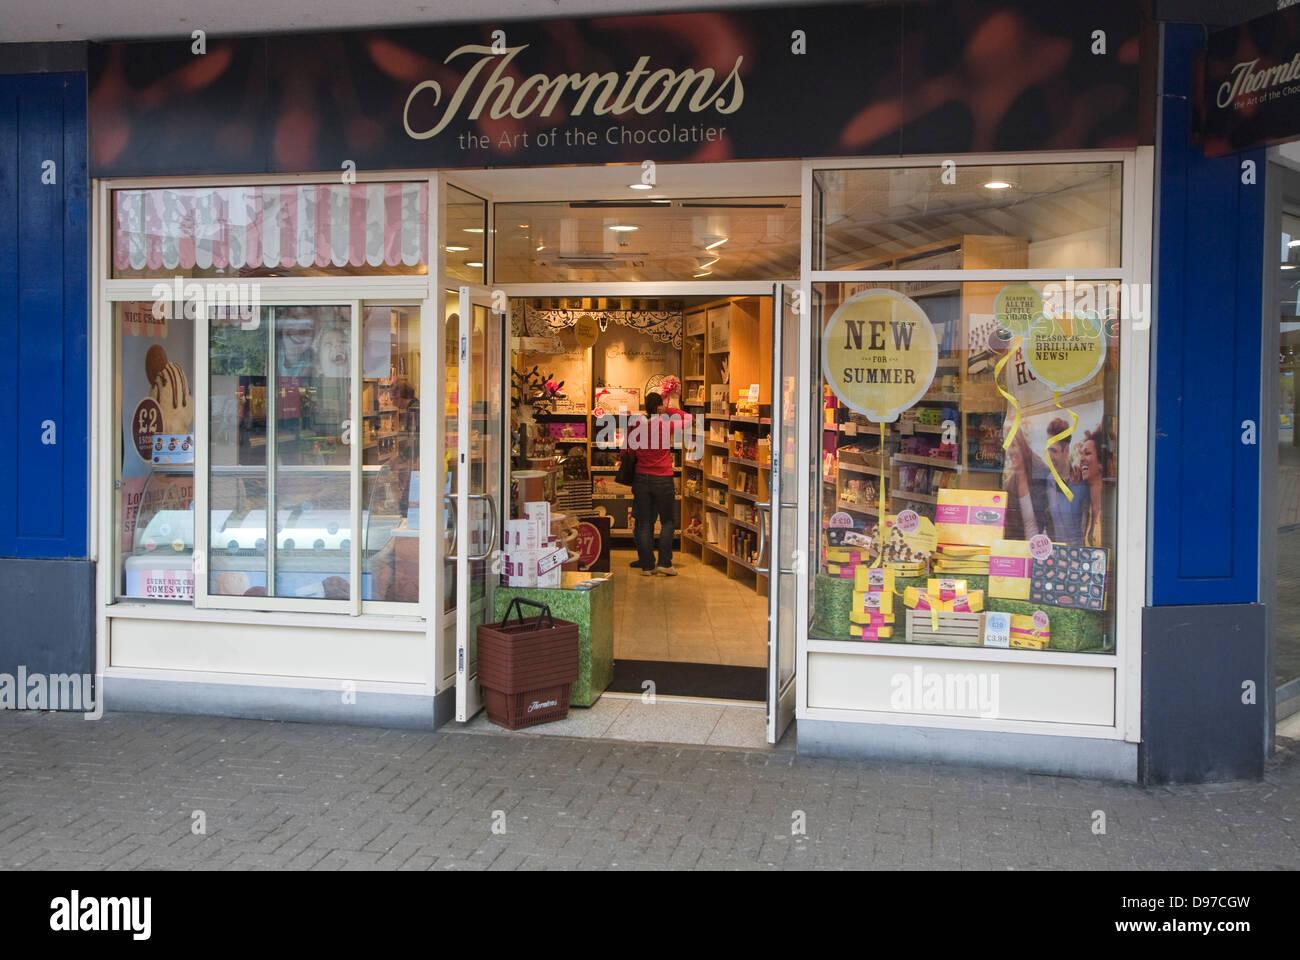 Thorntons chocolatier  shop Swindon, Wiltshire, England, UK - Stock Image